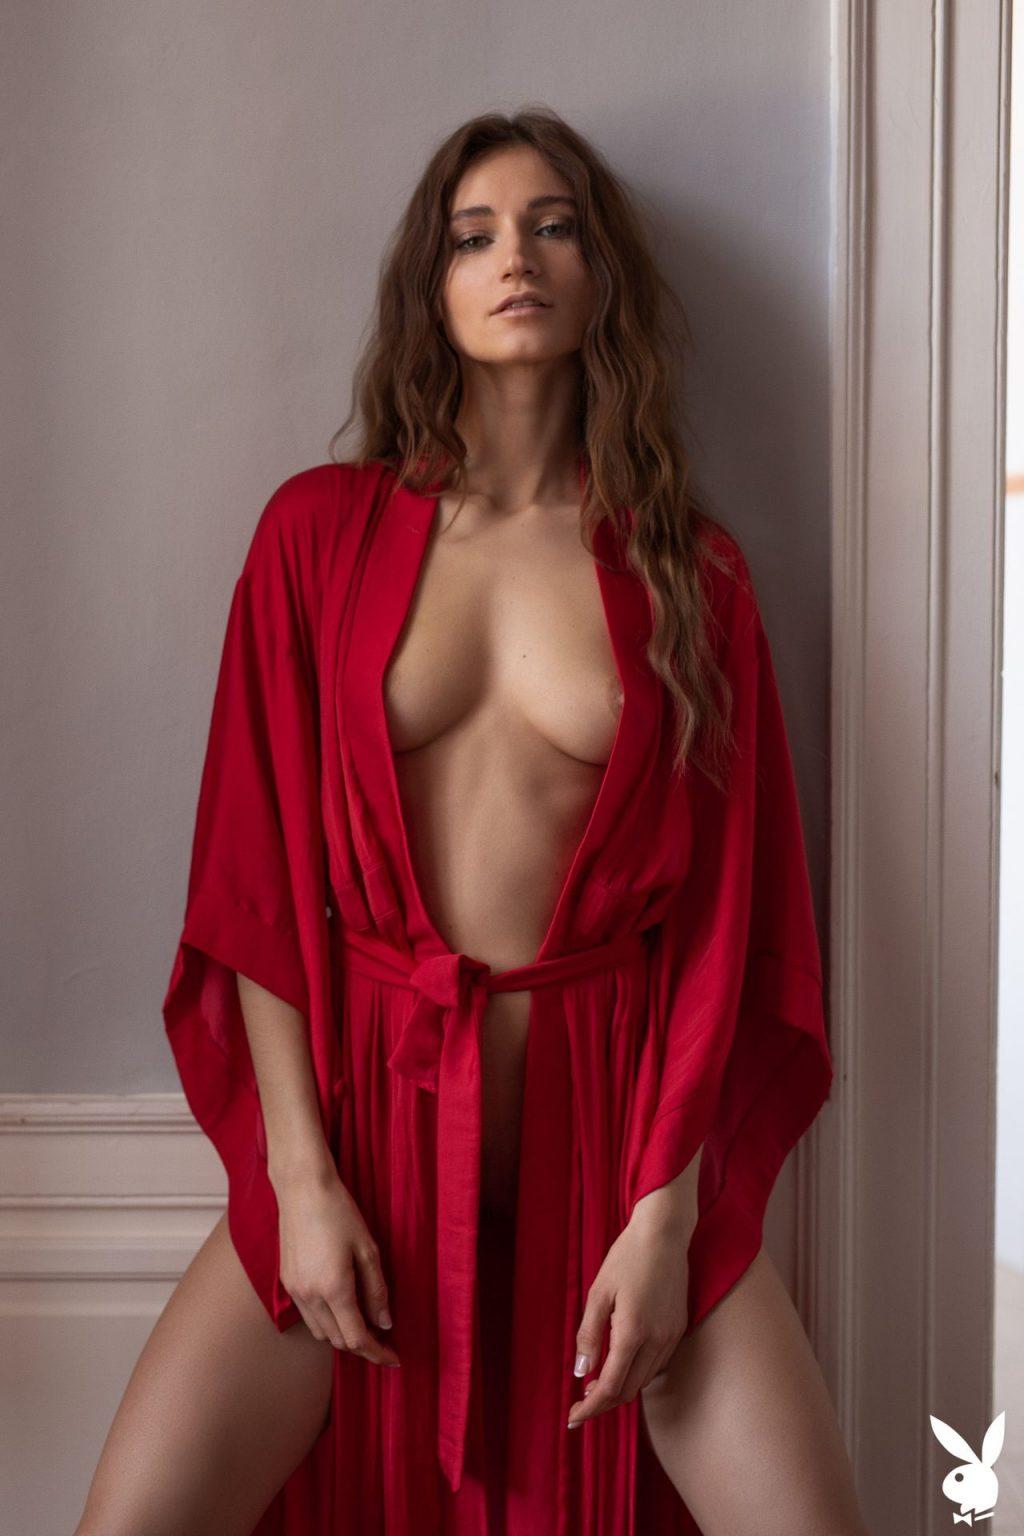 Ilvy Kokomo Nude – Early To Bed (32 Photos + GIFs & Video)